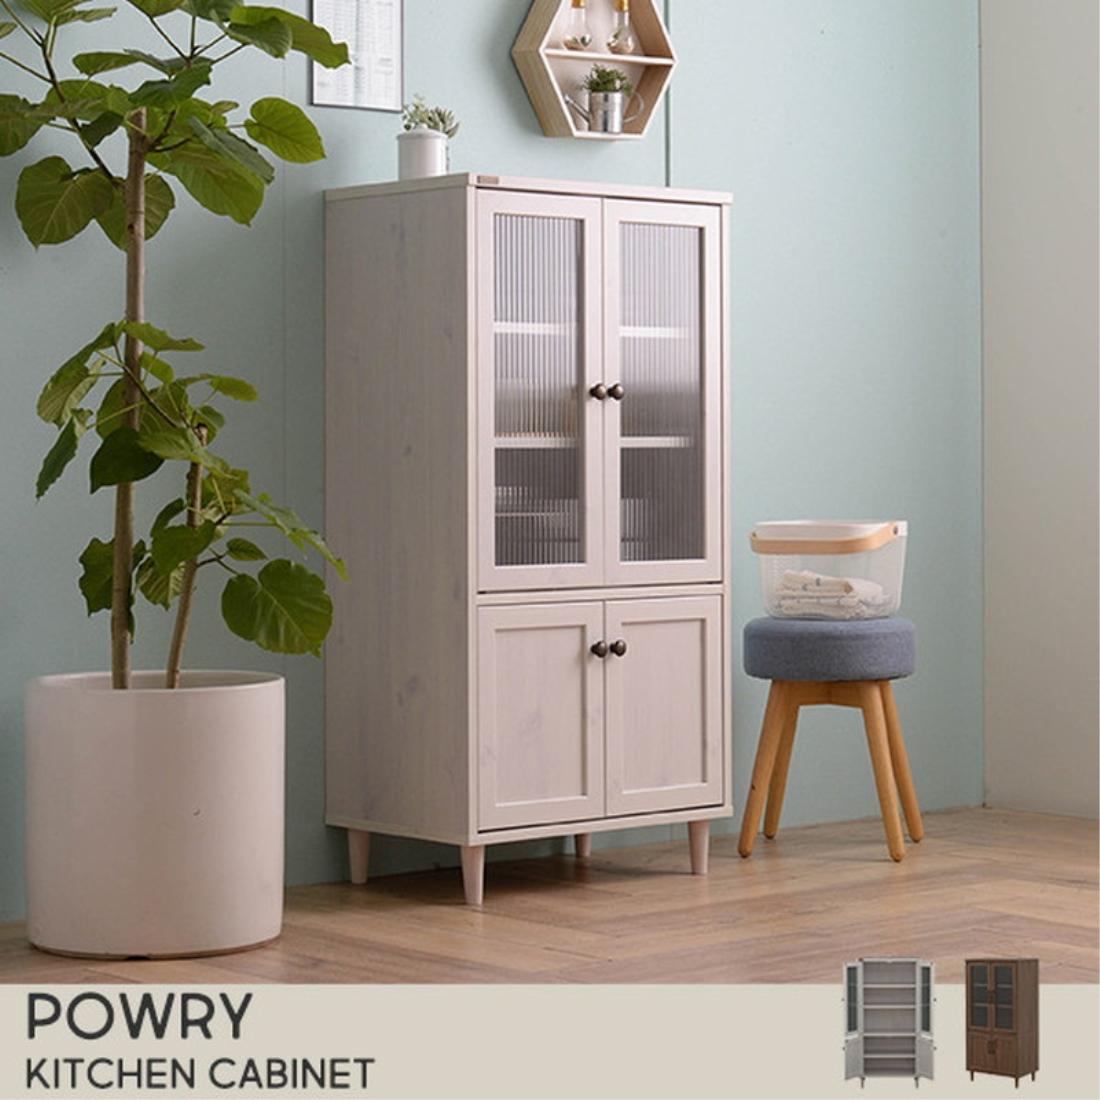 【送料無料】家具 飾り 収納 棚 POWRY(ポーリー) キャビネット(60cm幅) オシャレ